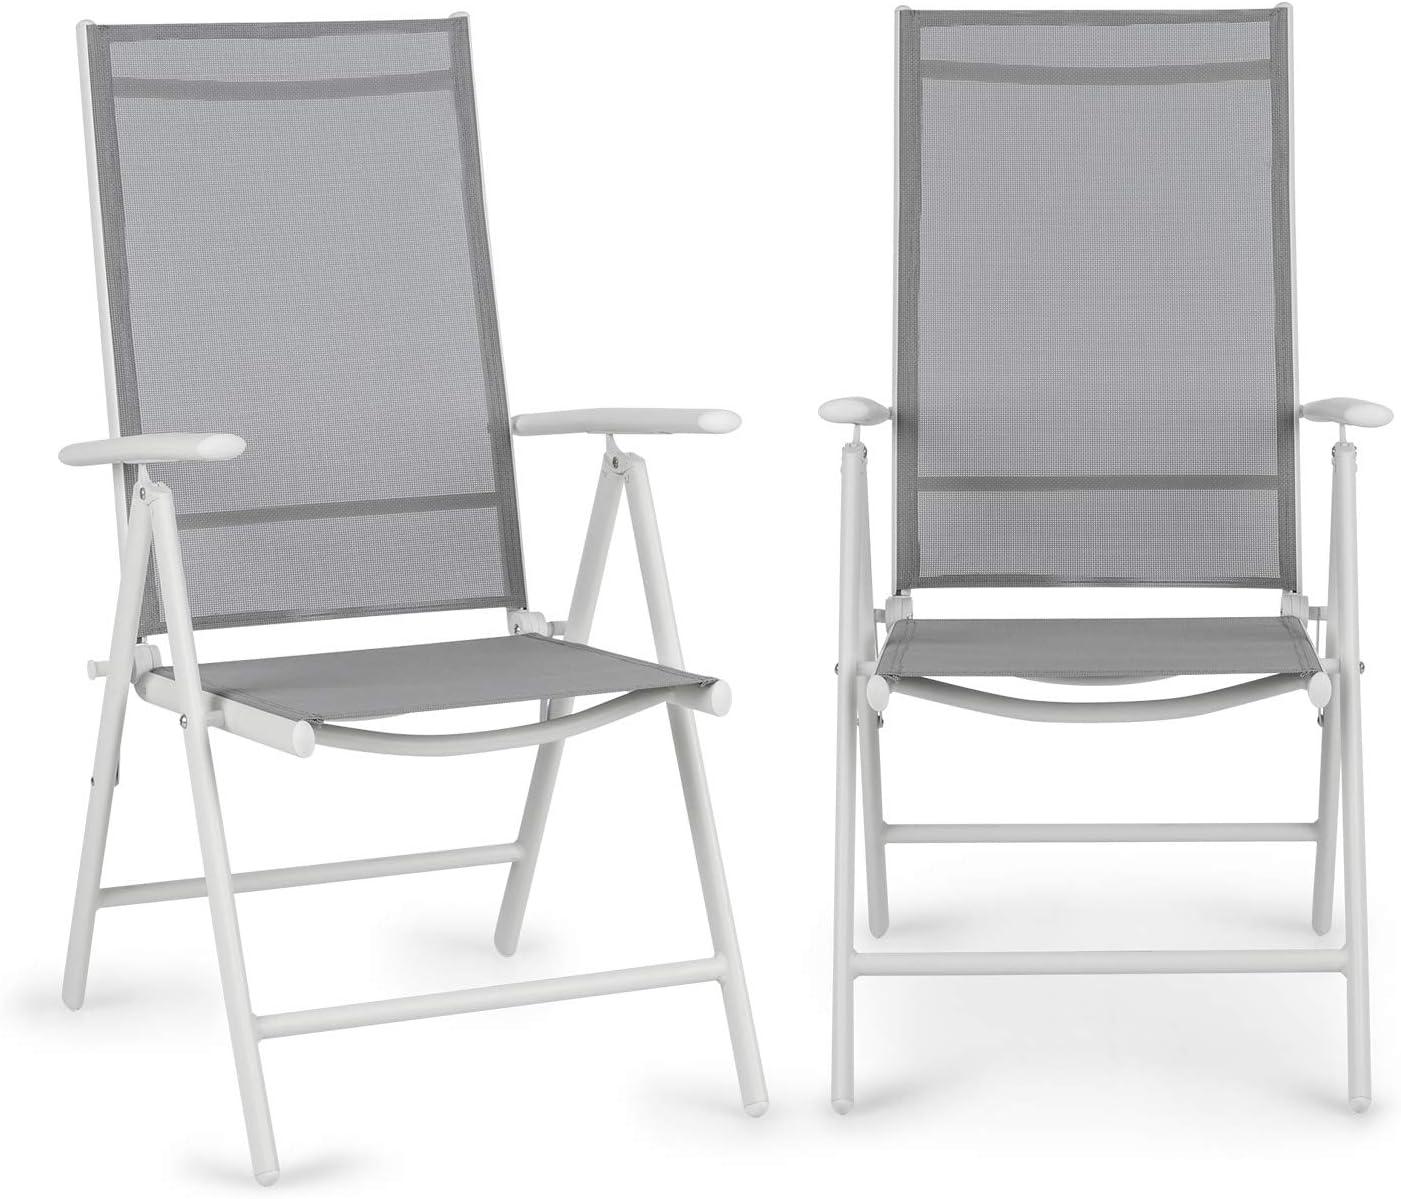 Blumfeldt Almeria Garden Chair - Dos sillas de jardín, Plegables, Estructura Aluminio, Protección Pintura en Polvo, Tela 2x2 MTS. de Secado rápido, Respaldo 7 Posiciones, Blanco/Gris Claro